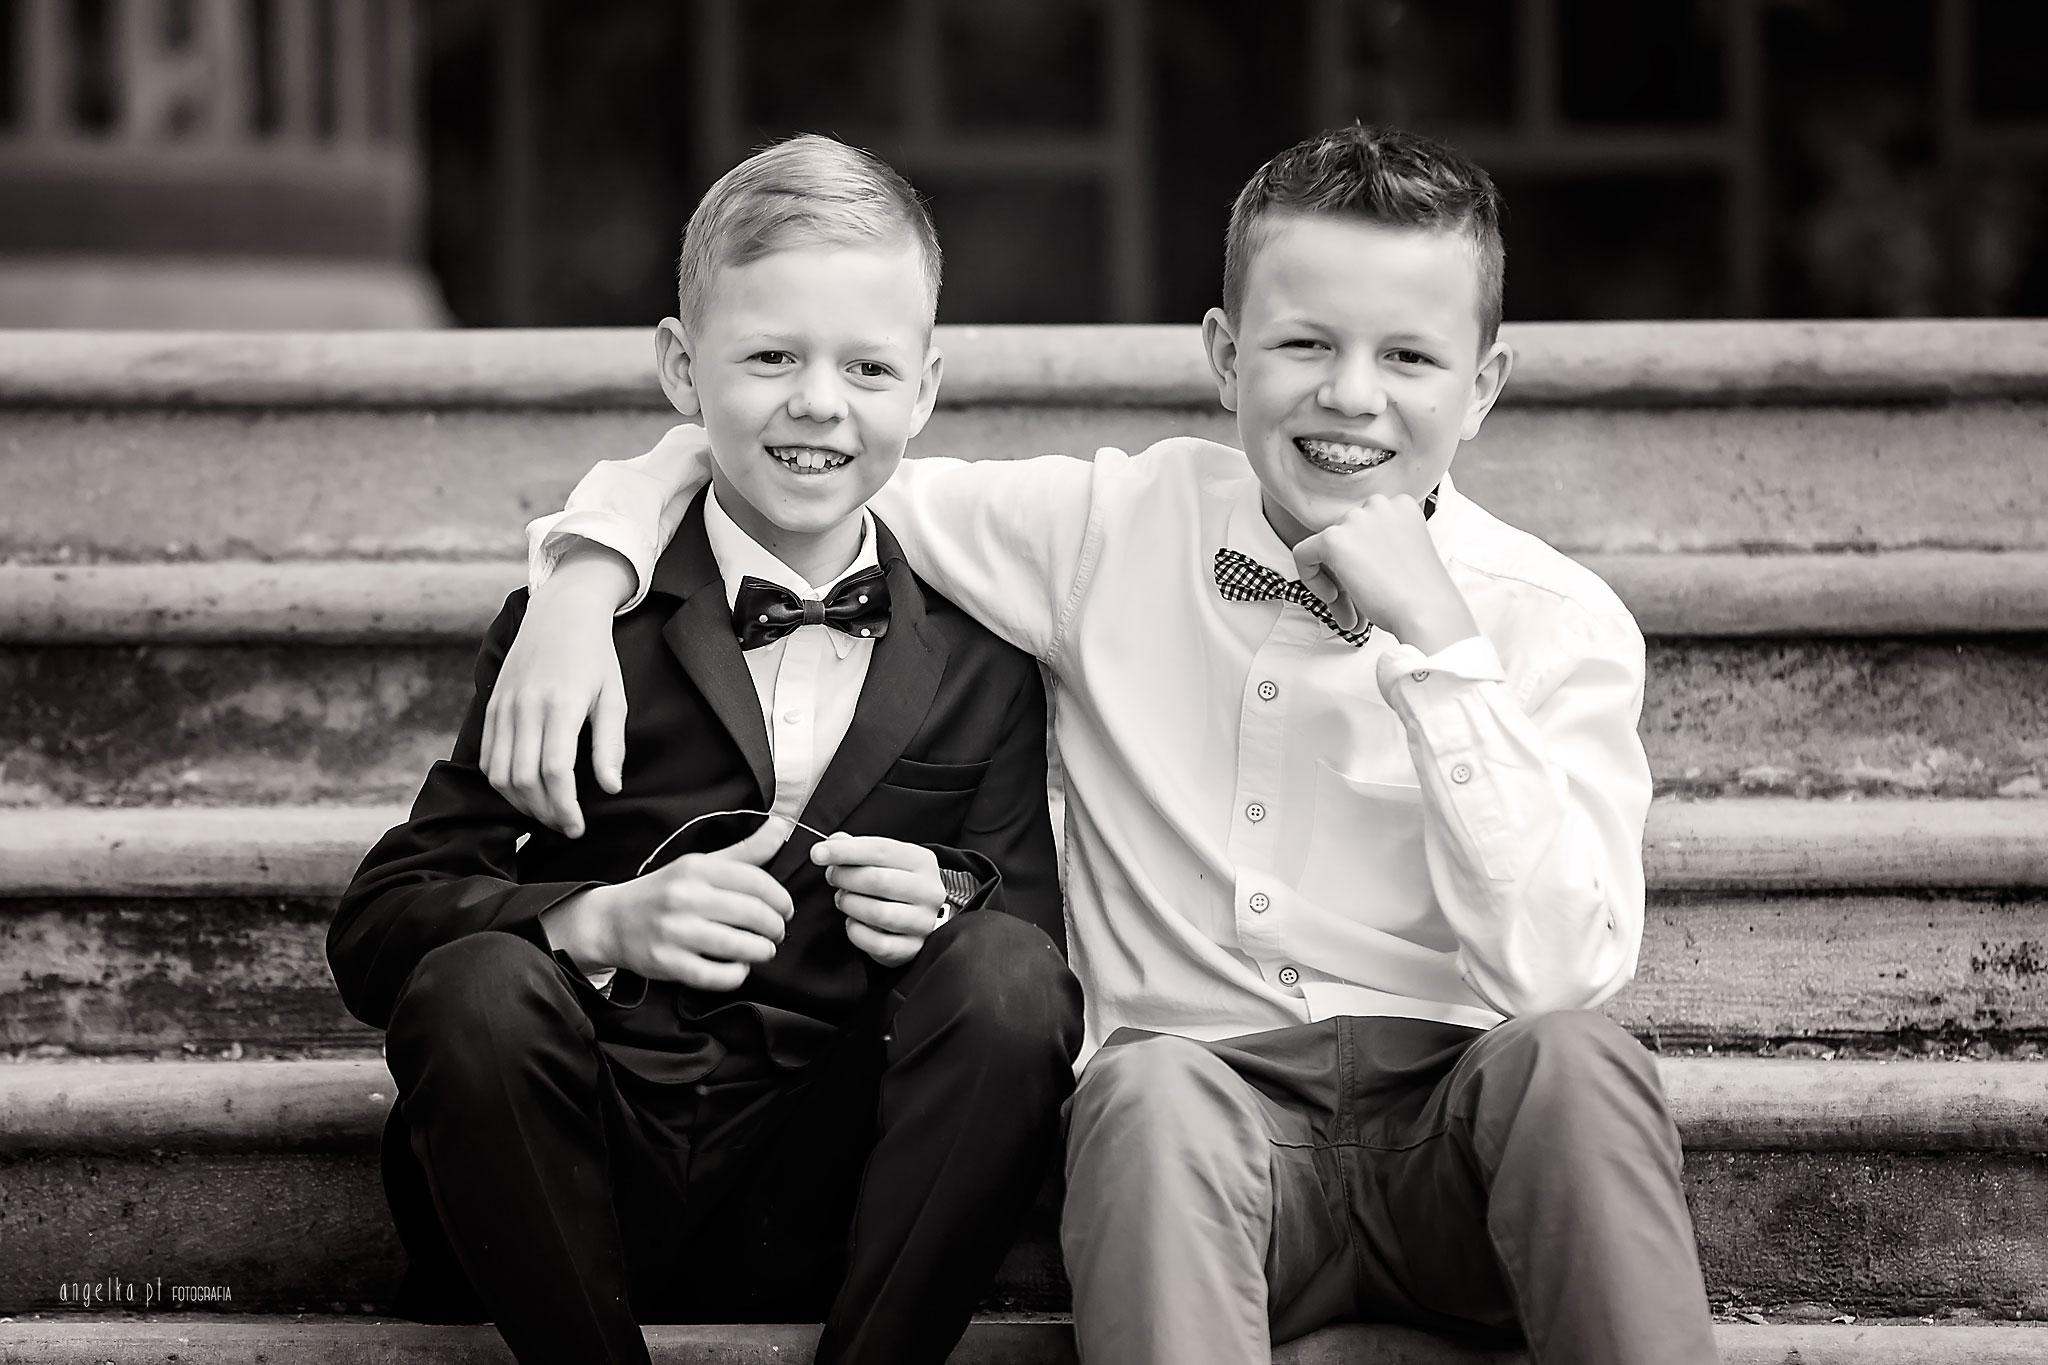 komunijne zdjęcie chłopców